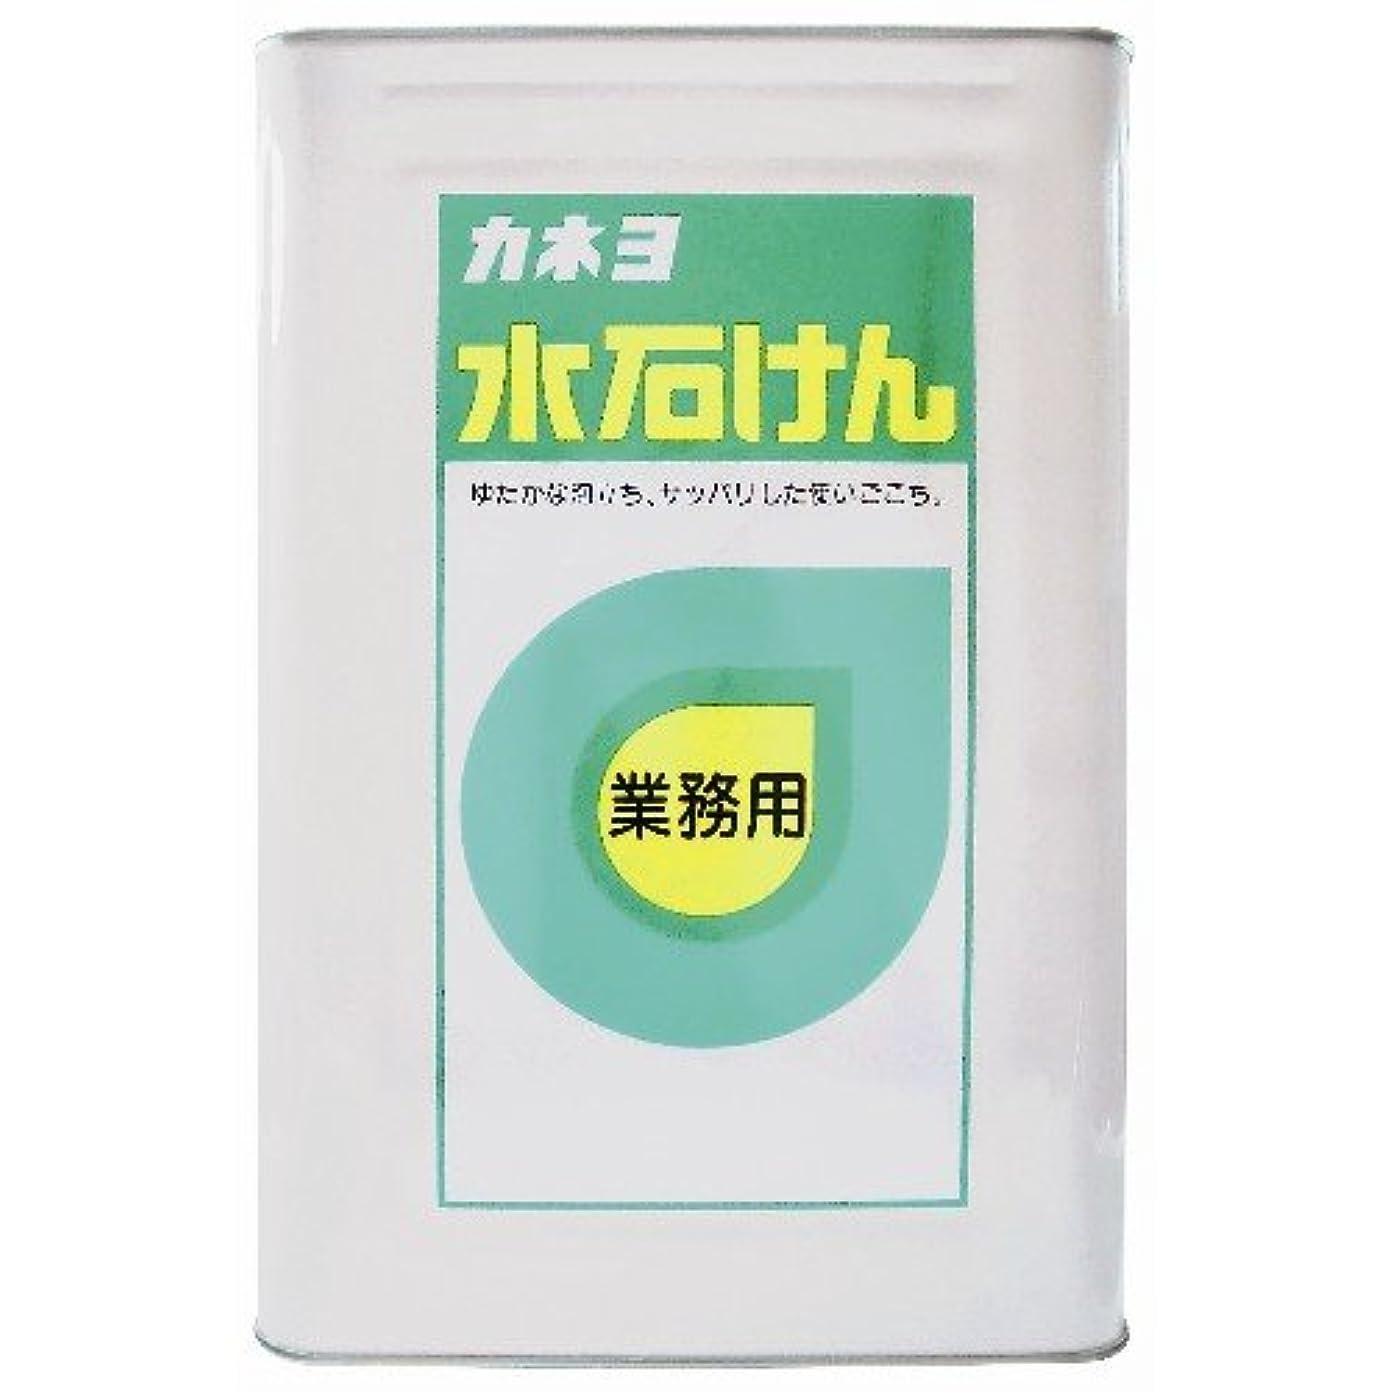 抵当コマースアブストラクト【大容量】 カネヨ石鹸 ハンドソープ 水石けん 液体 業務用 18L 一斗缶